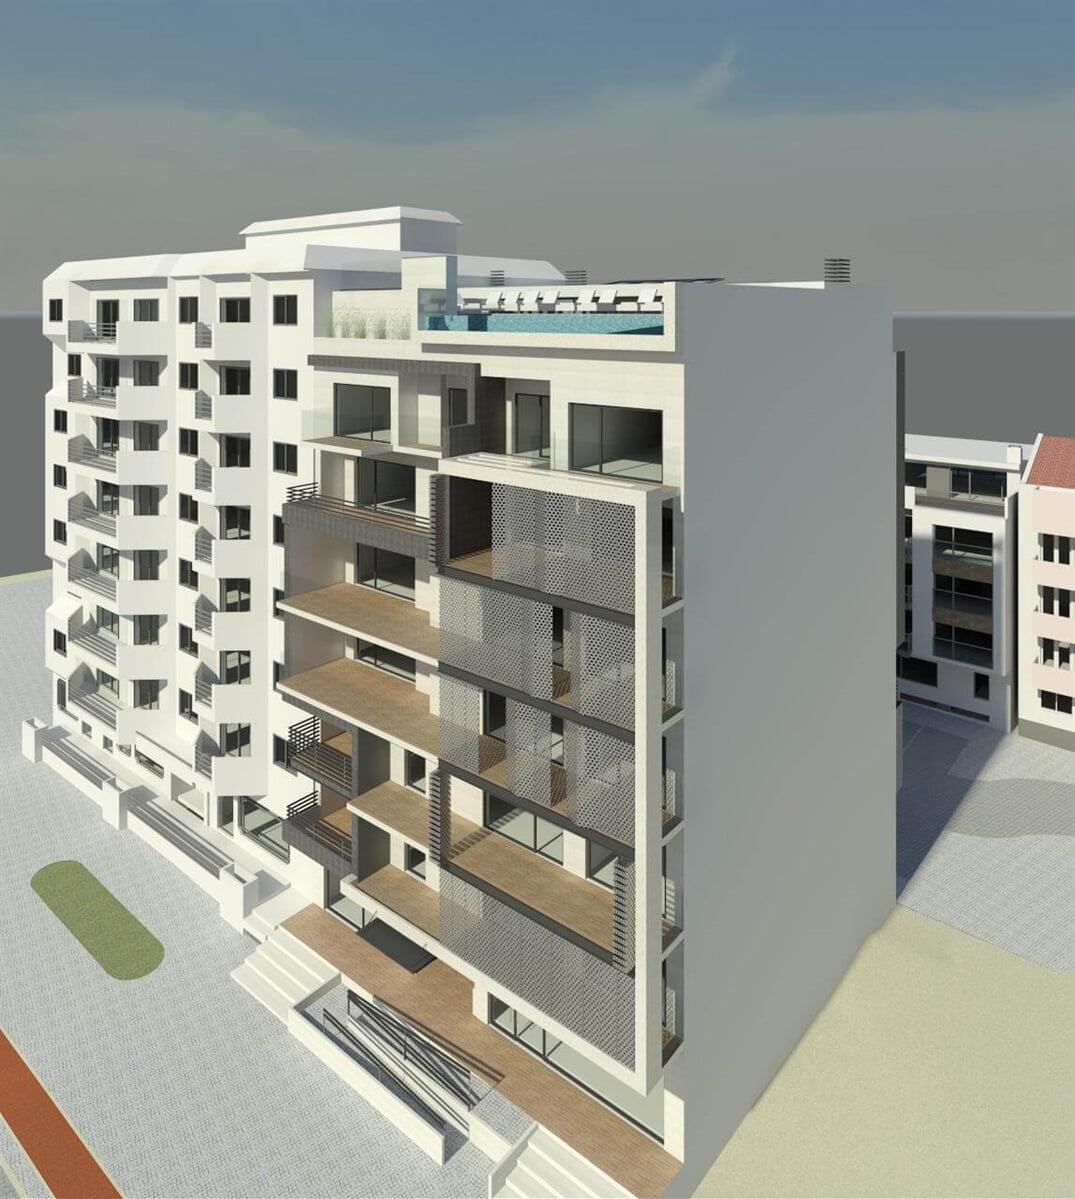 Gabinete de Arquitectura - Carlos Alberto Gomes Arquitectos Projectos de Arquitectura Habitacionais Projetos de Equipamentos e Serviços Carlos Alberto Gomes Arquitectos Associados 9